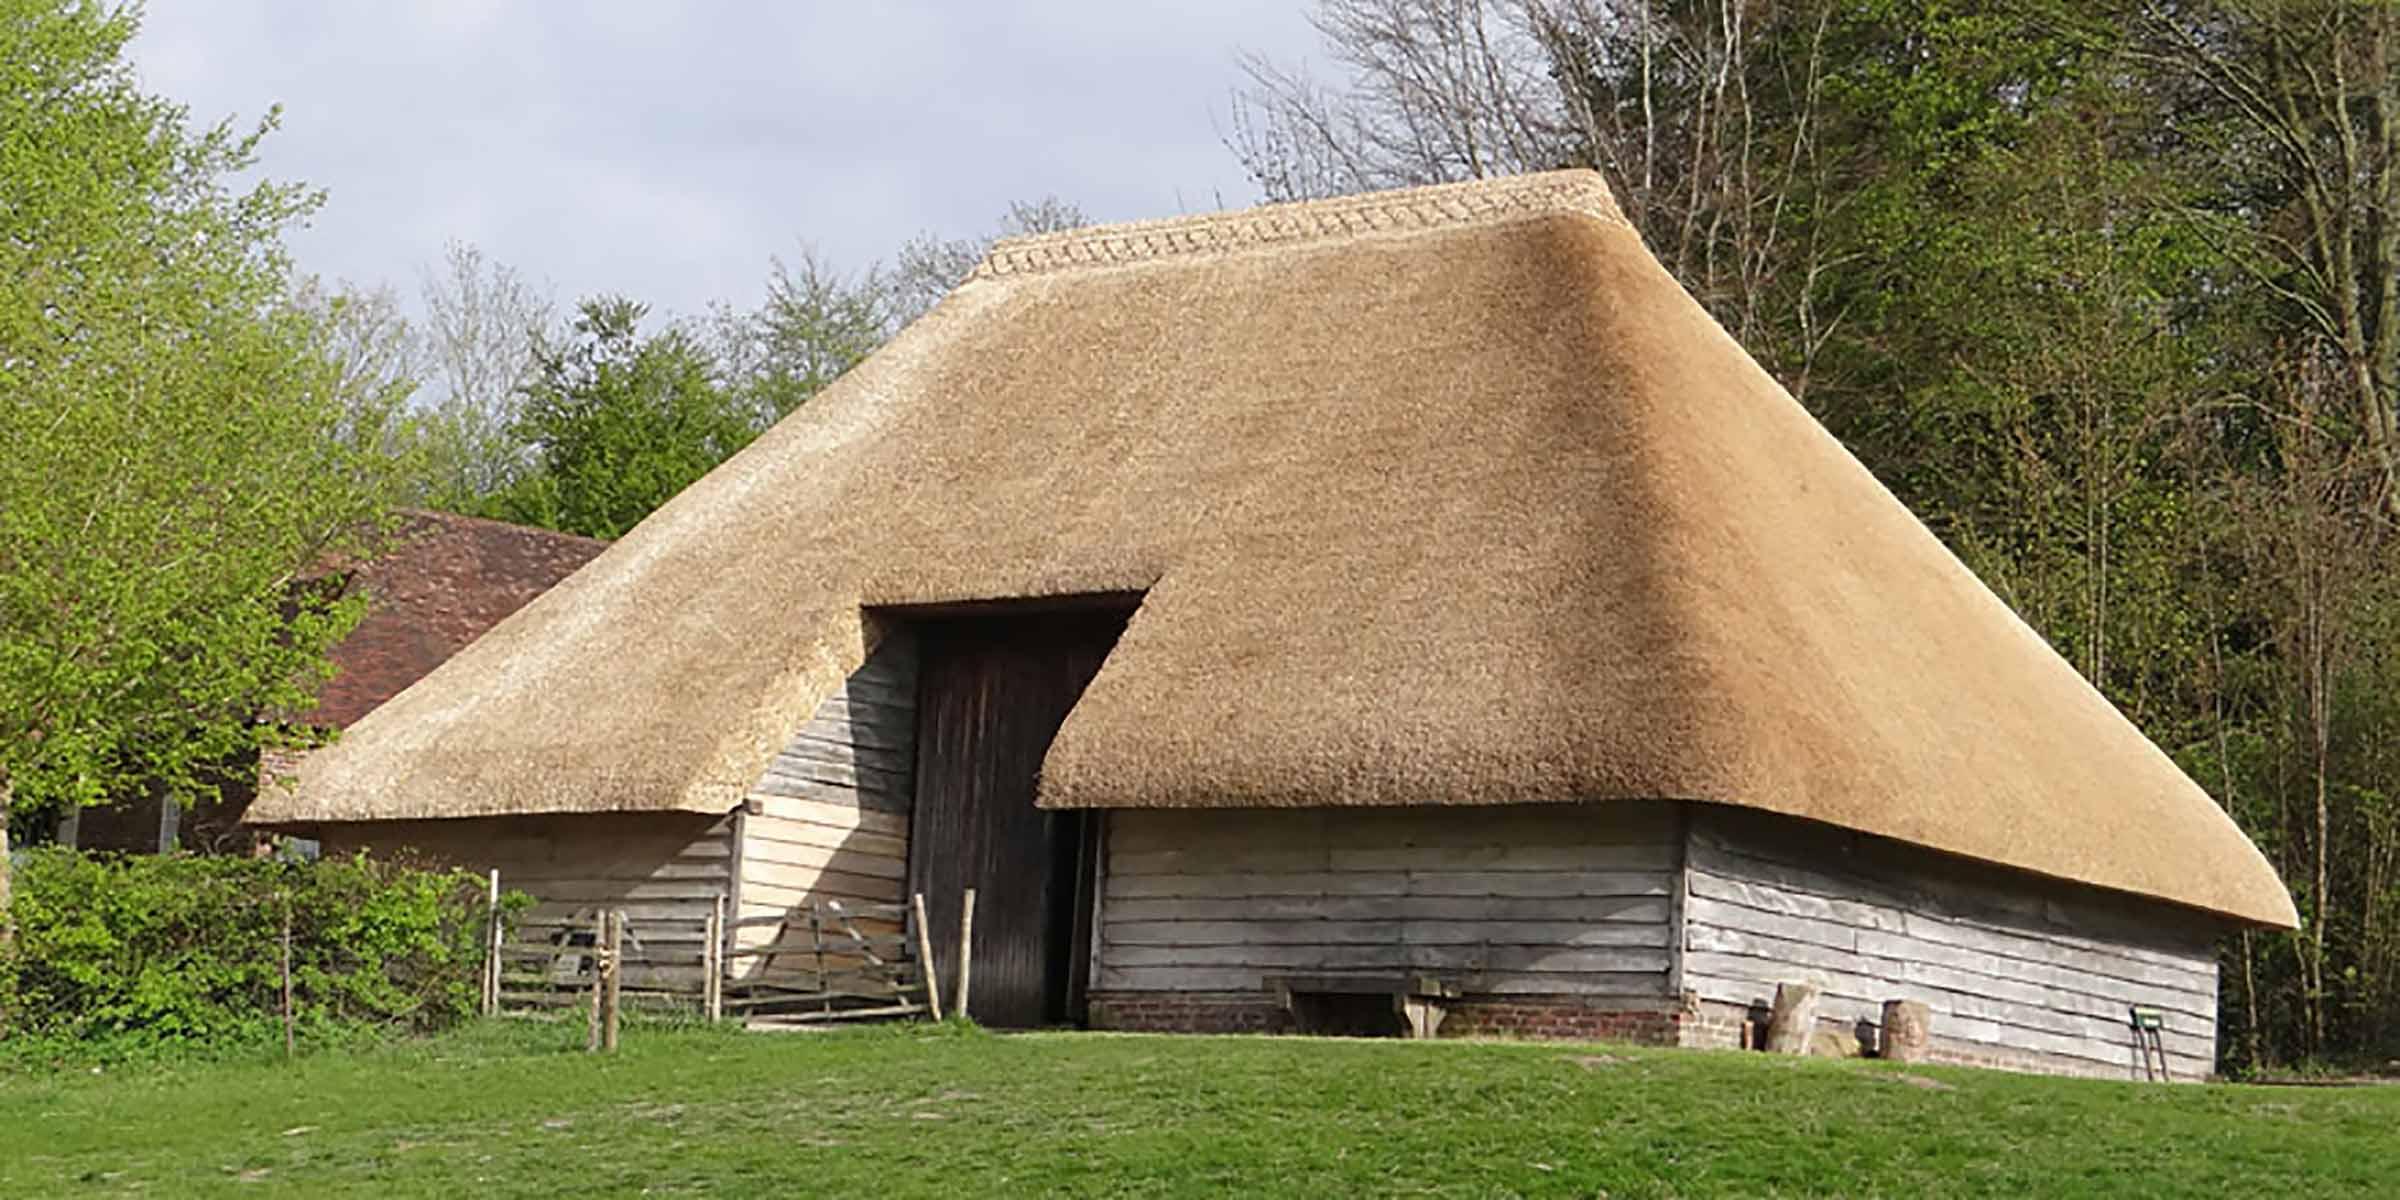 Aisled Barn from Hambrook